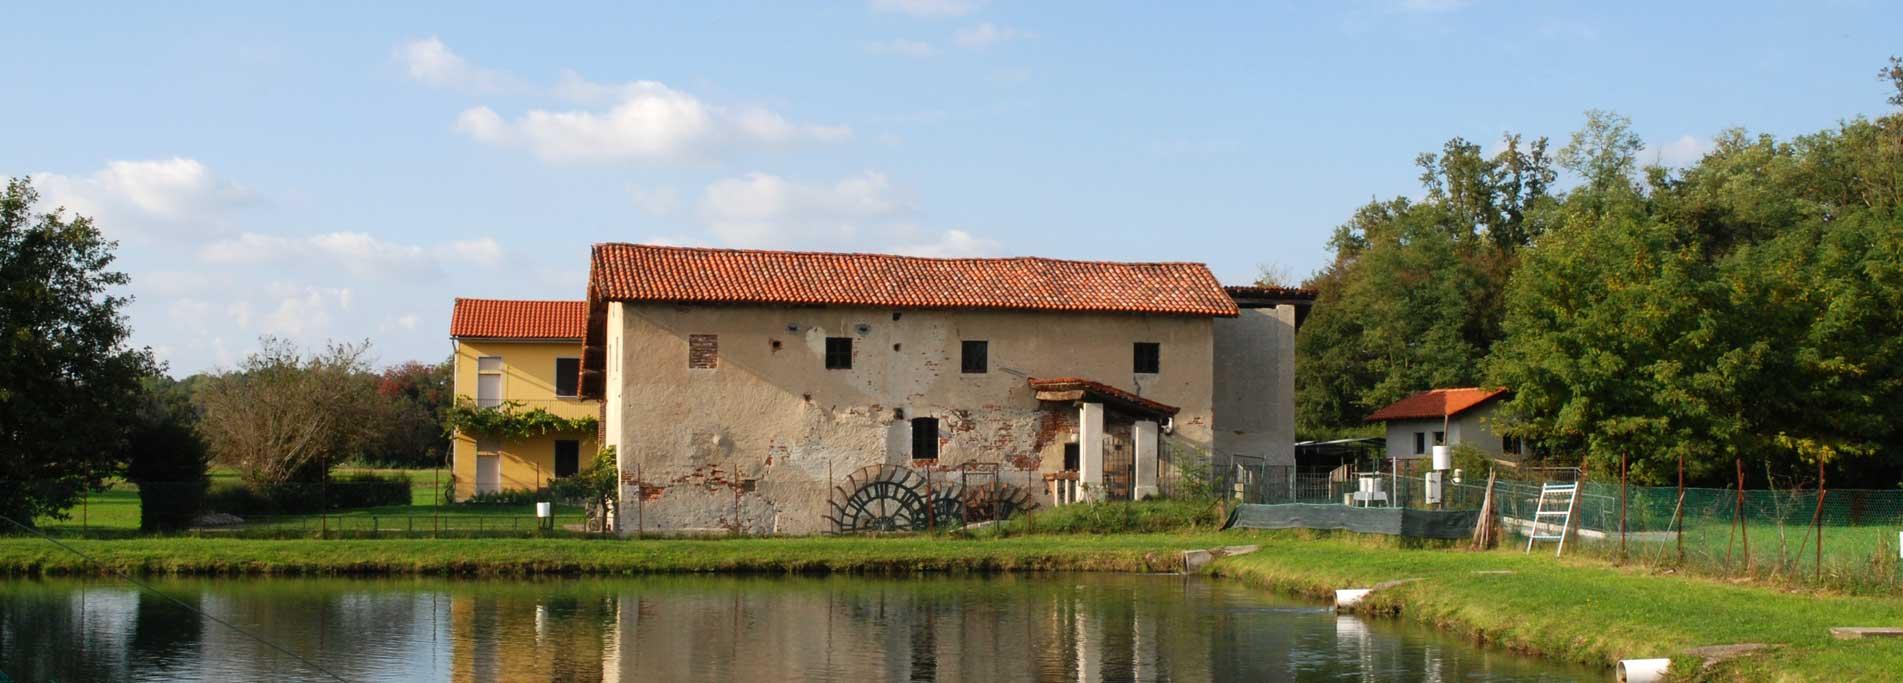 Mulino Vecchio di Bellinzago Novarese